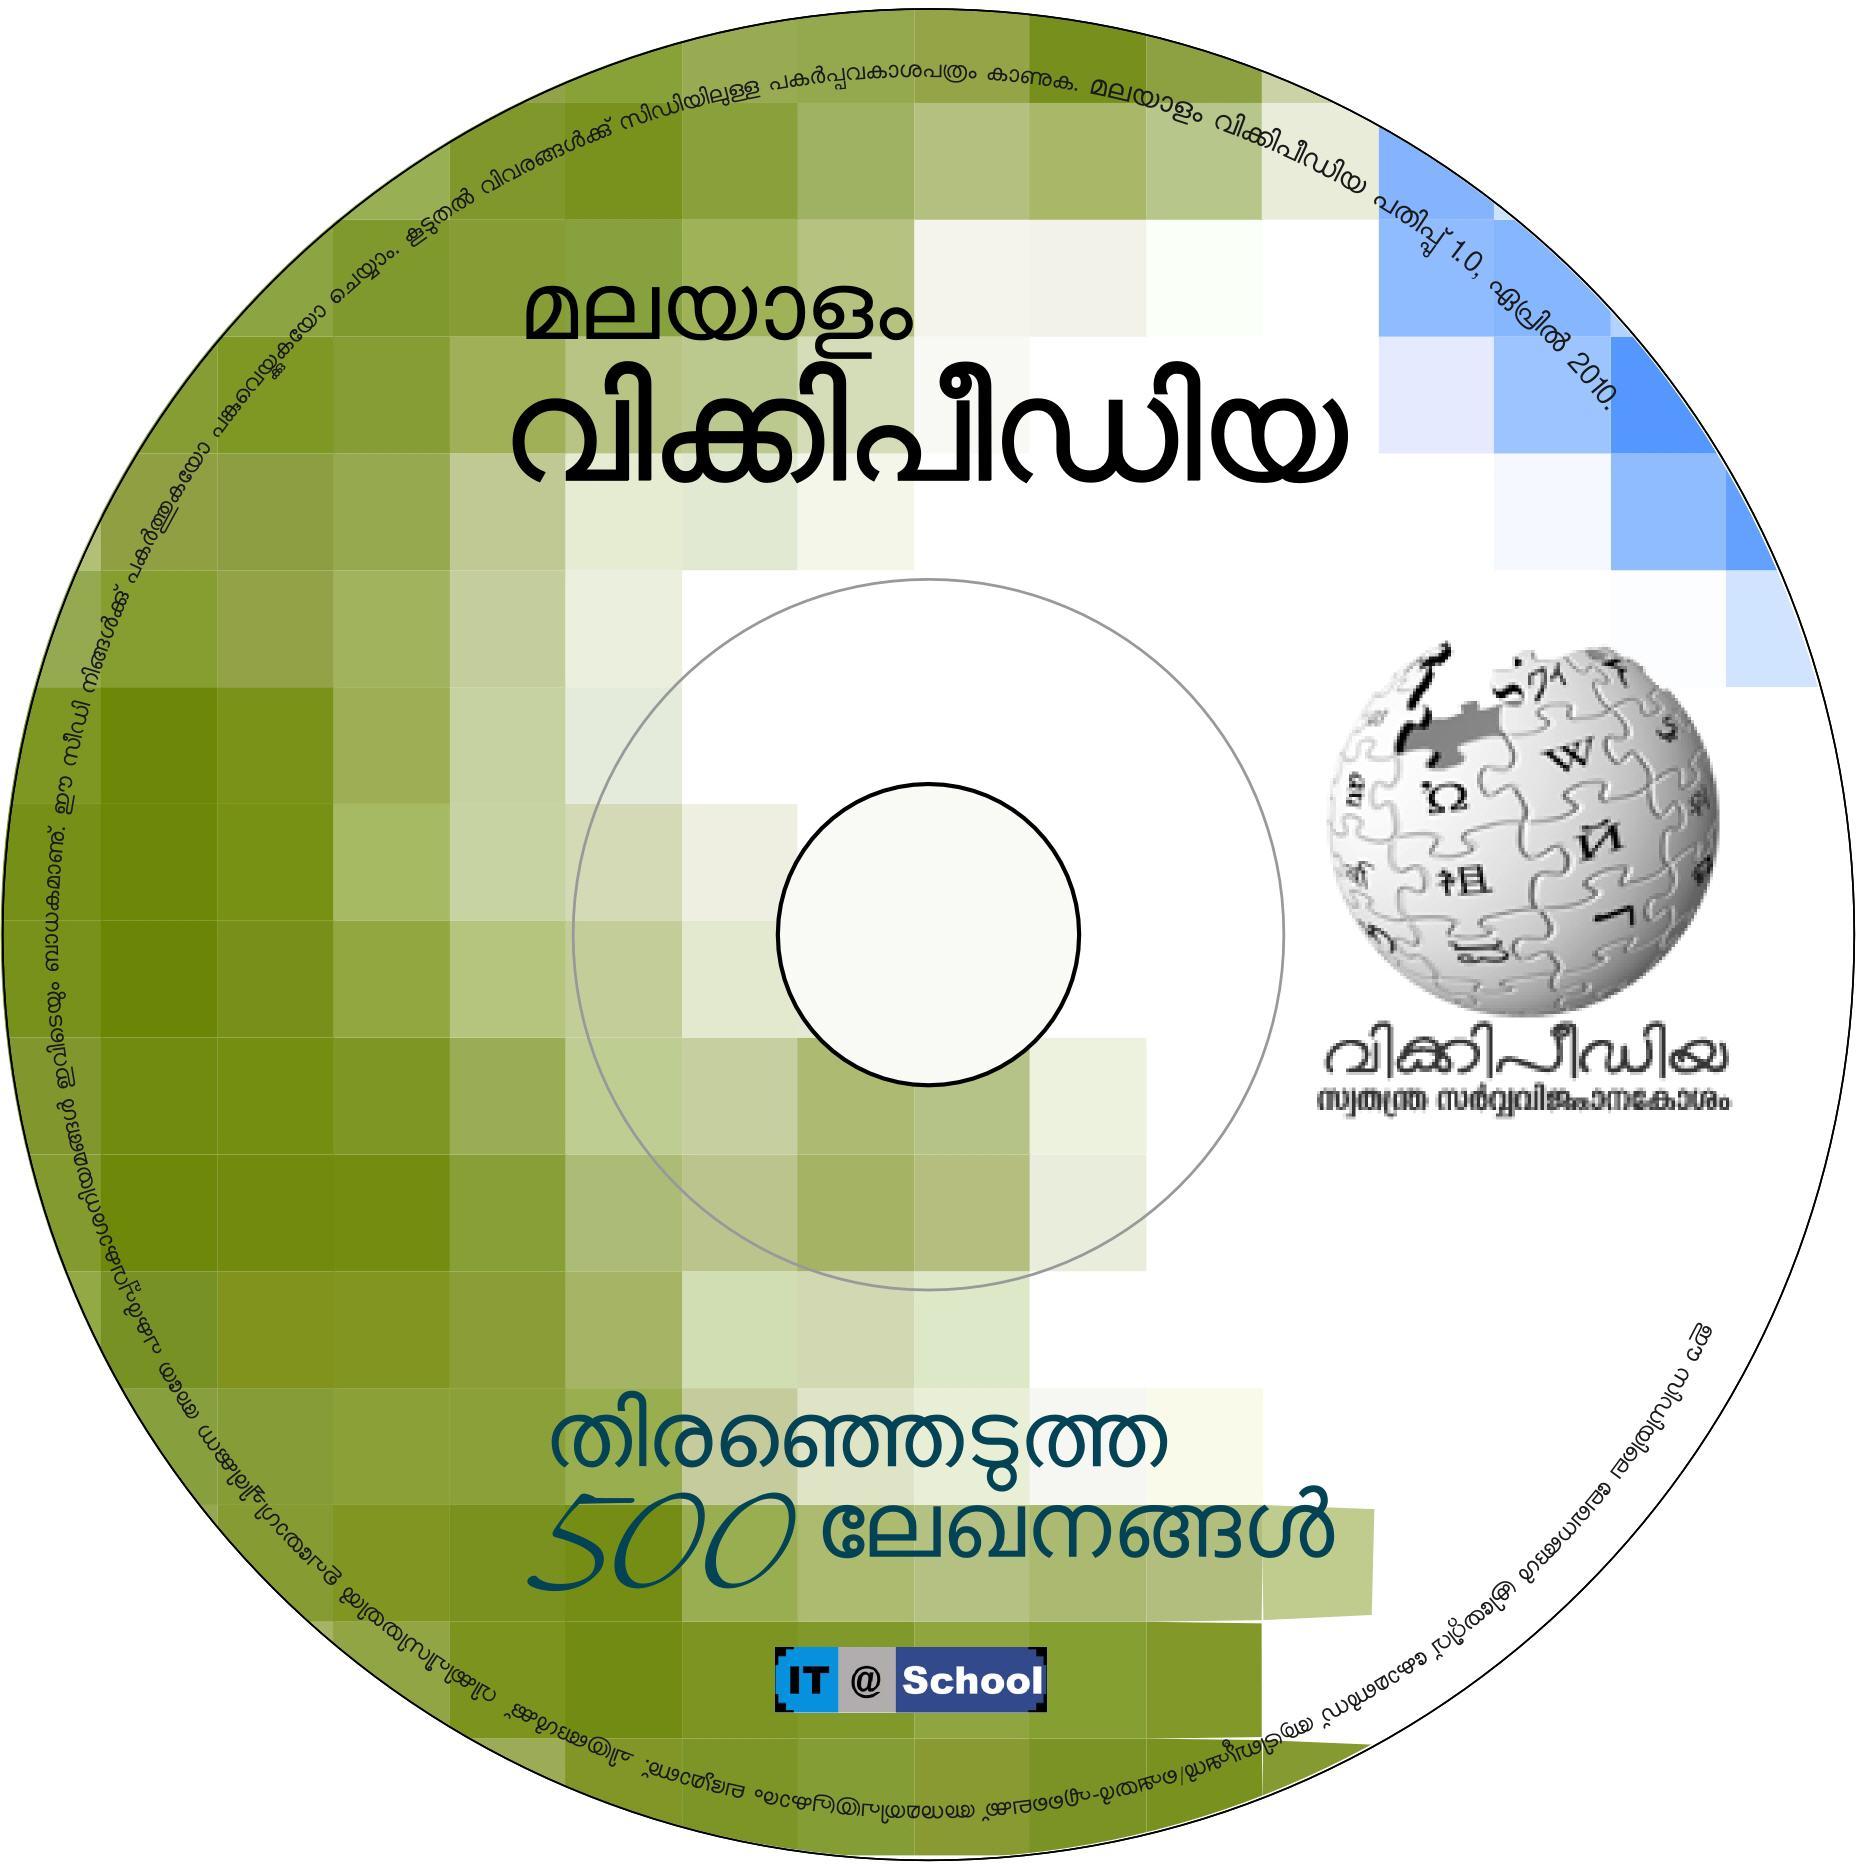 Malayalalm Wikipedia CD sticker